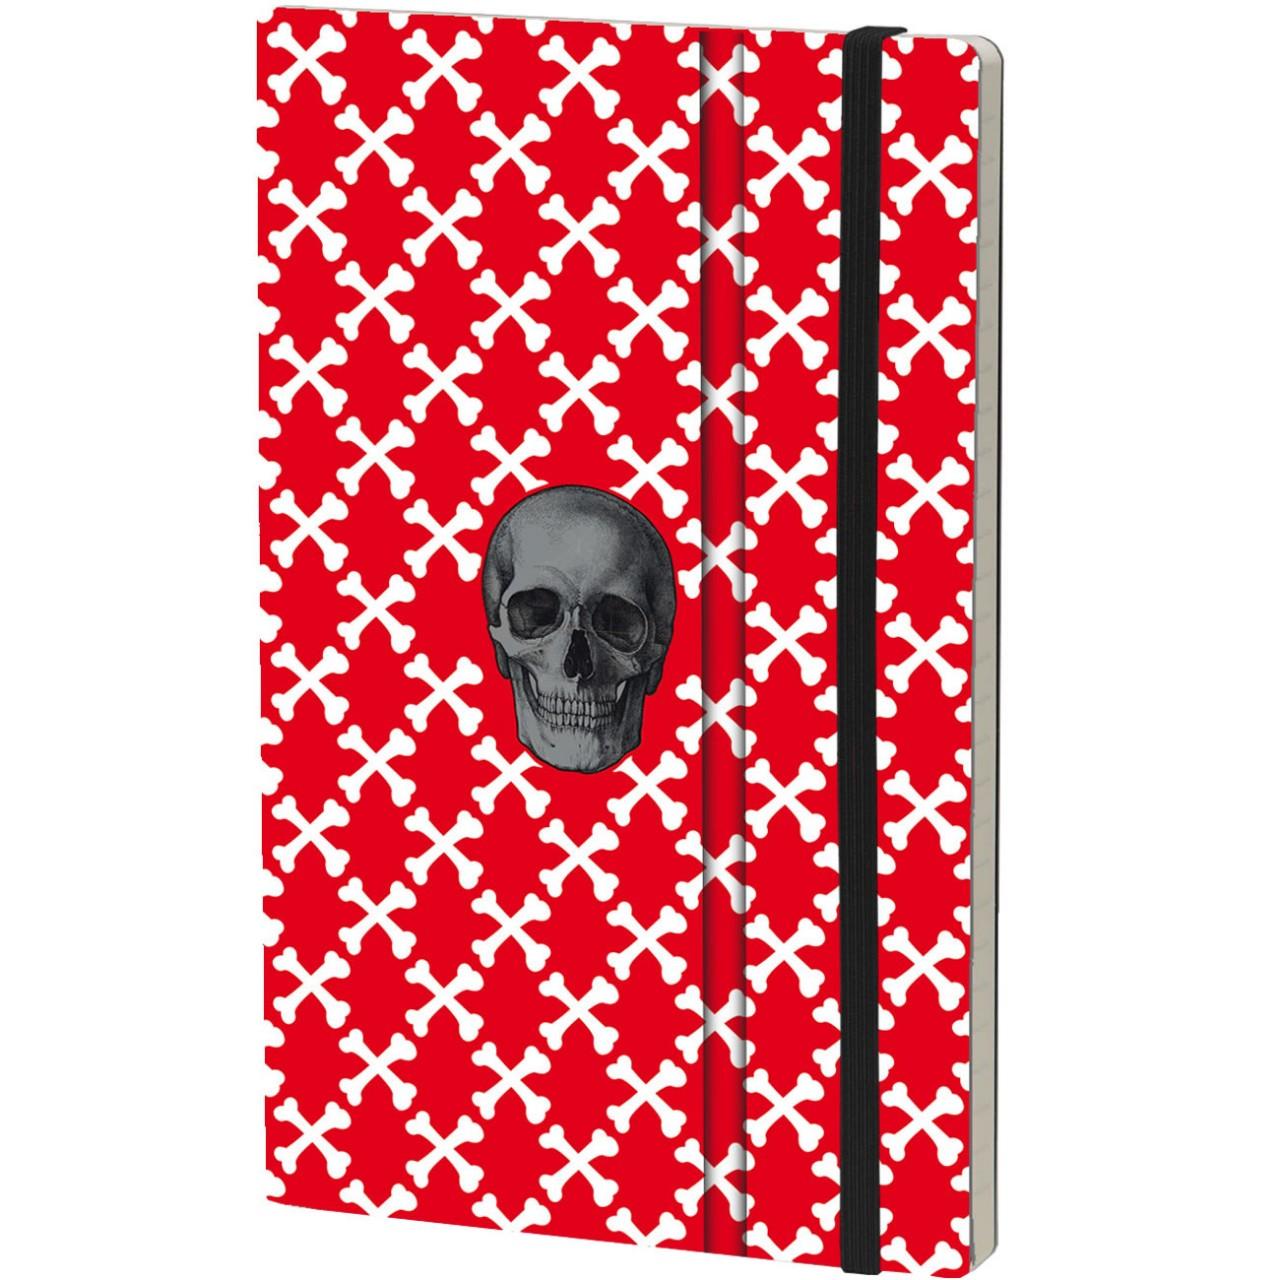 Stifflexible Notizbuch SKULL 13 x 21 cm 192 S., RED